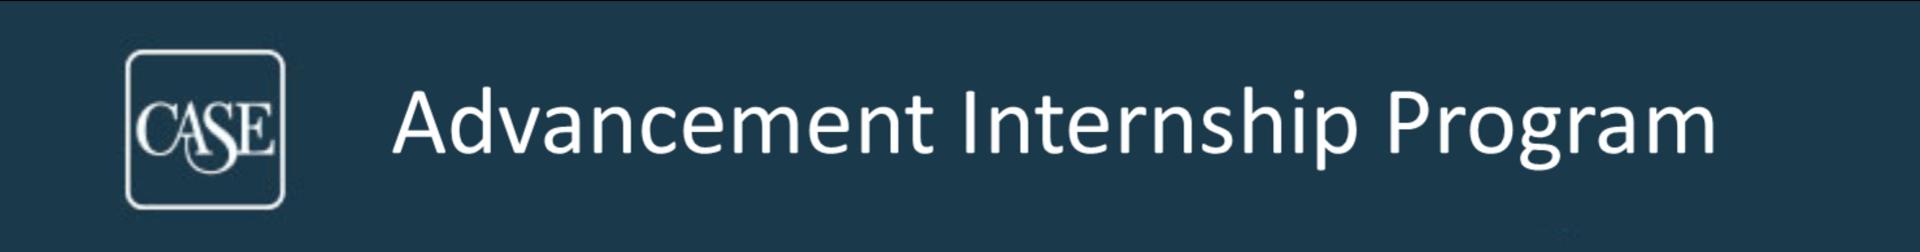 2021 CASE Advancement Internship Program Event Banner